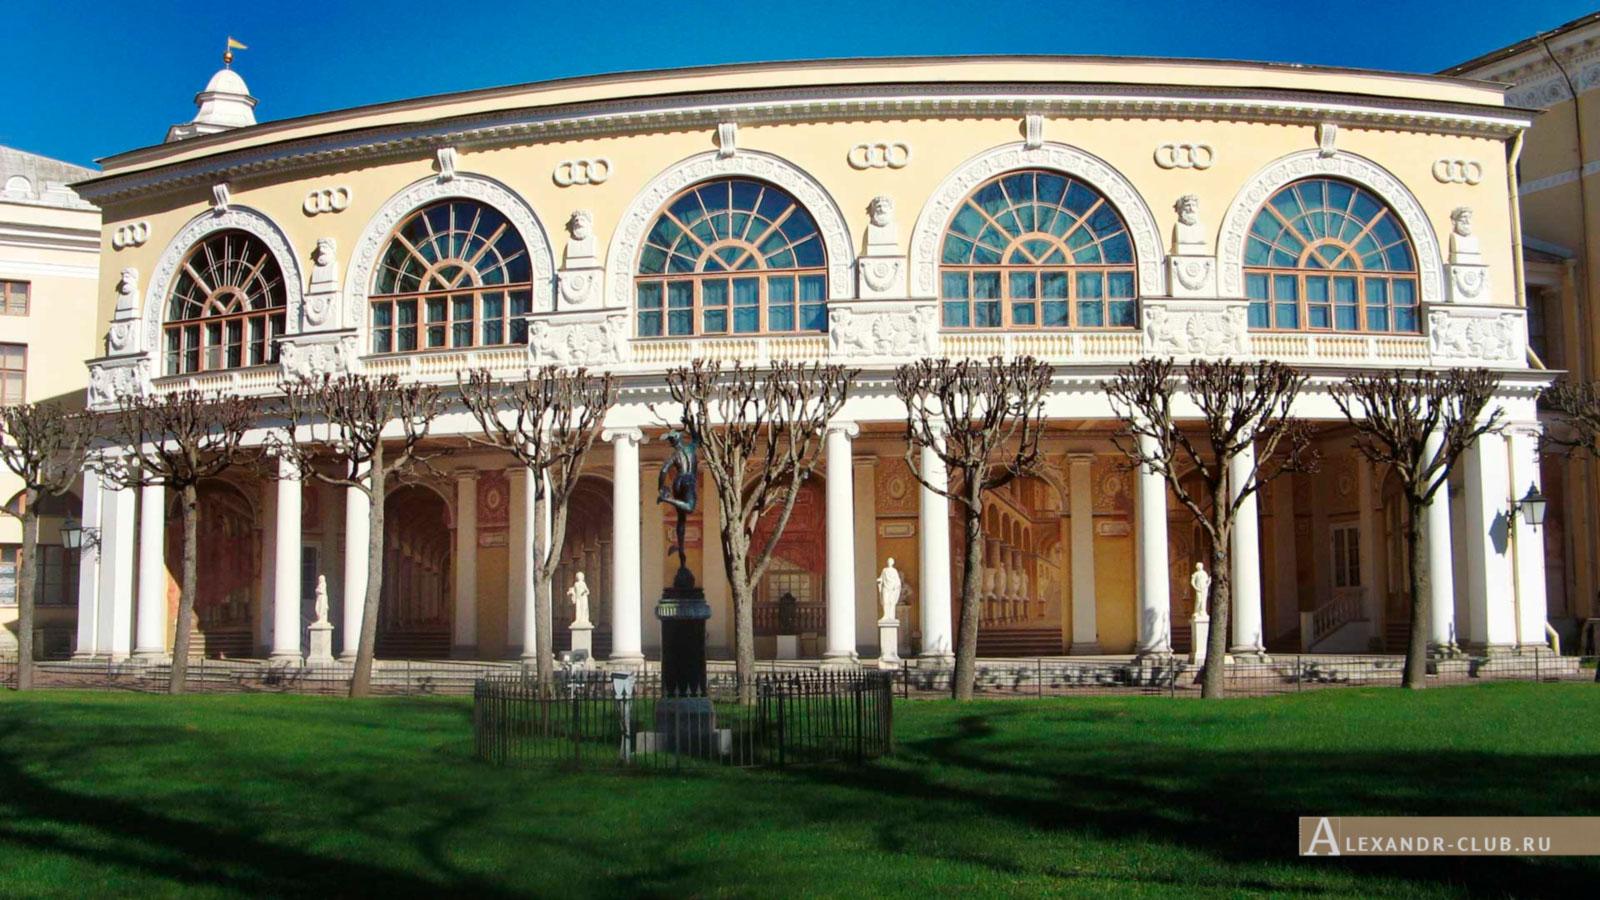 Павловский парк, весна, Павловский дворец – 2